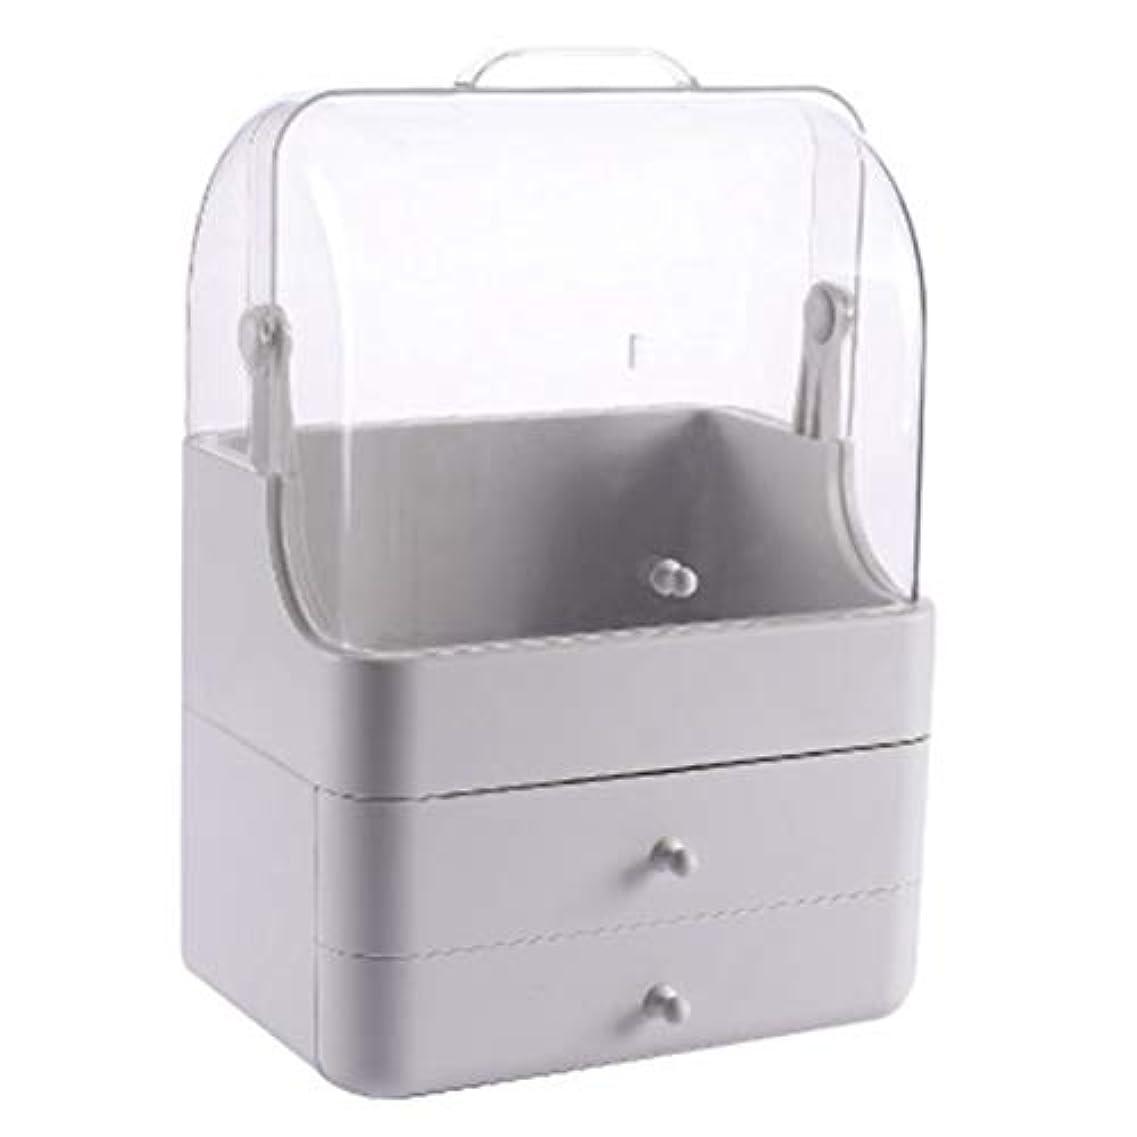 化粧品収納ボックス メイクボック コスメ収納 3段式 アクセサリボックス 多容量 引き出し式 整理簡単 持ち運び 蓋付き 防塵防水 透明 機能性 スキンケア用品 小物入れ 卓上収納 軽量